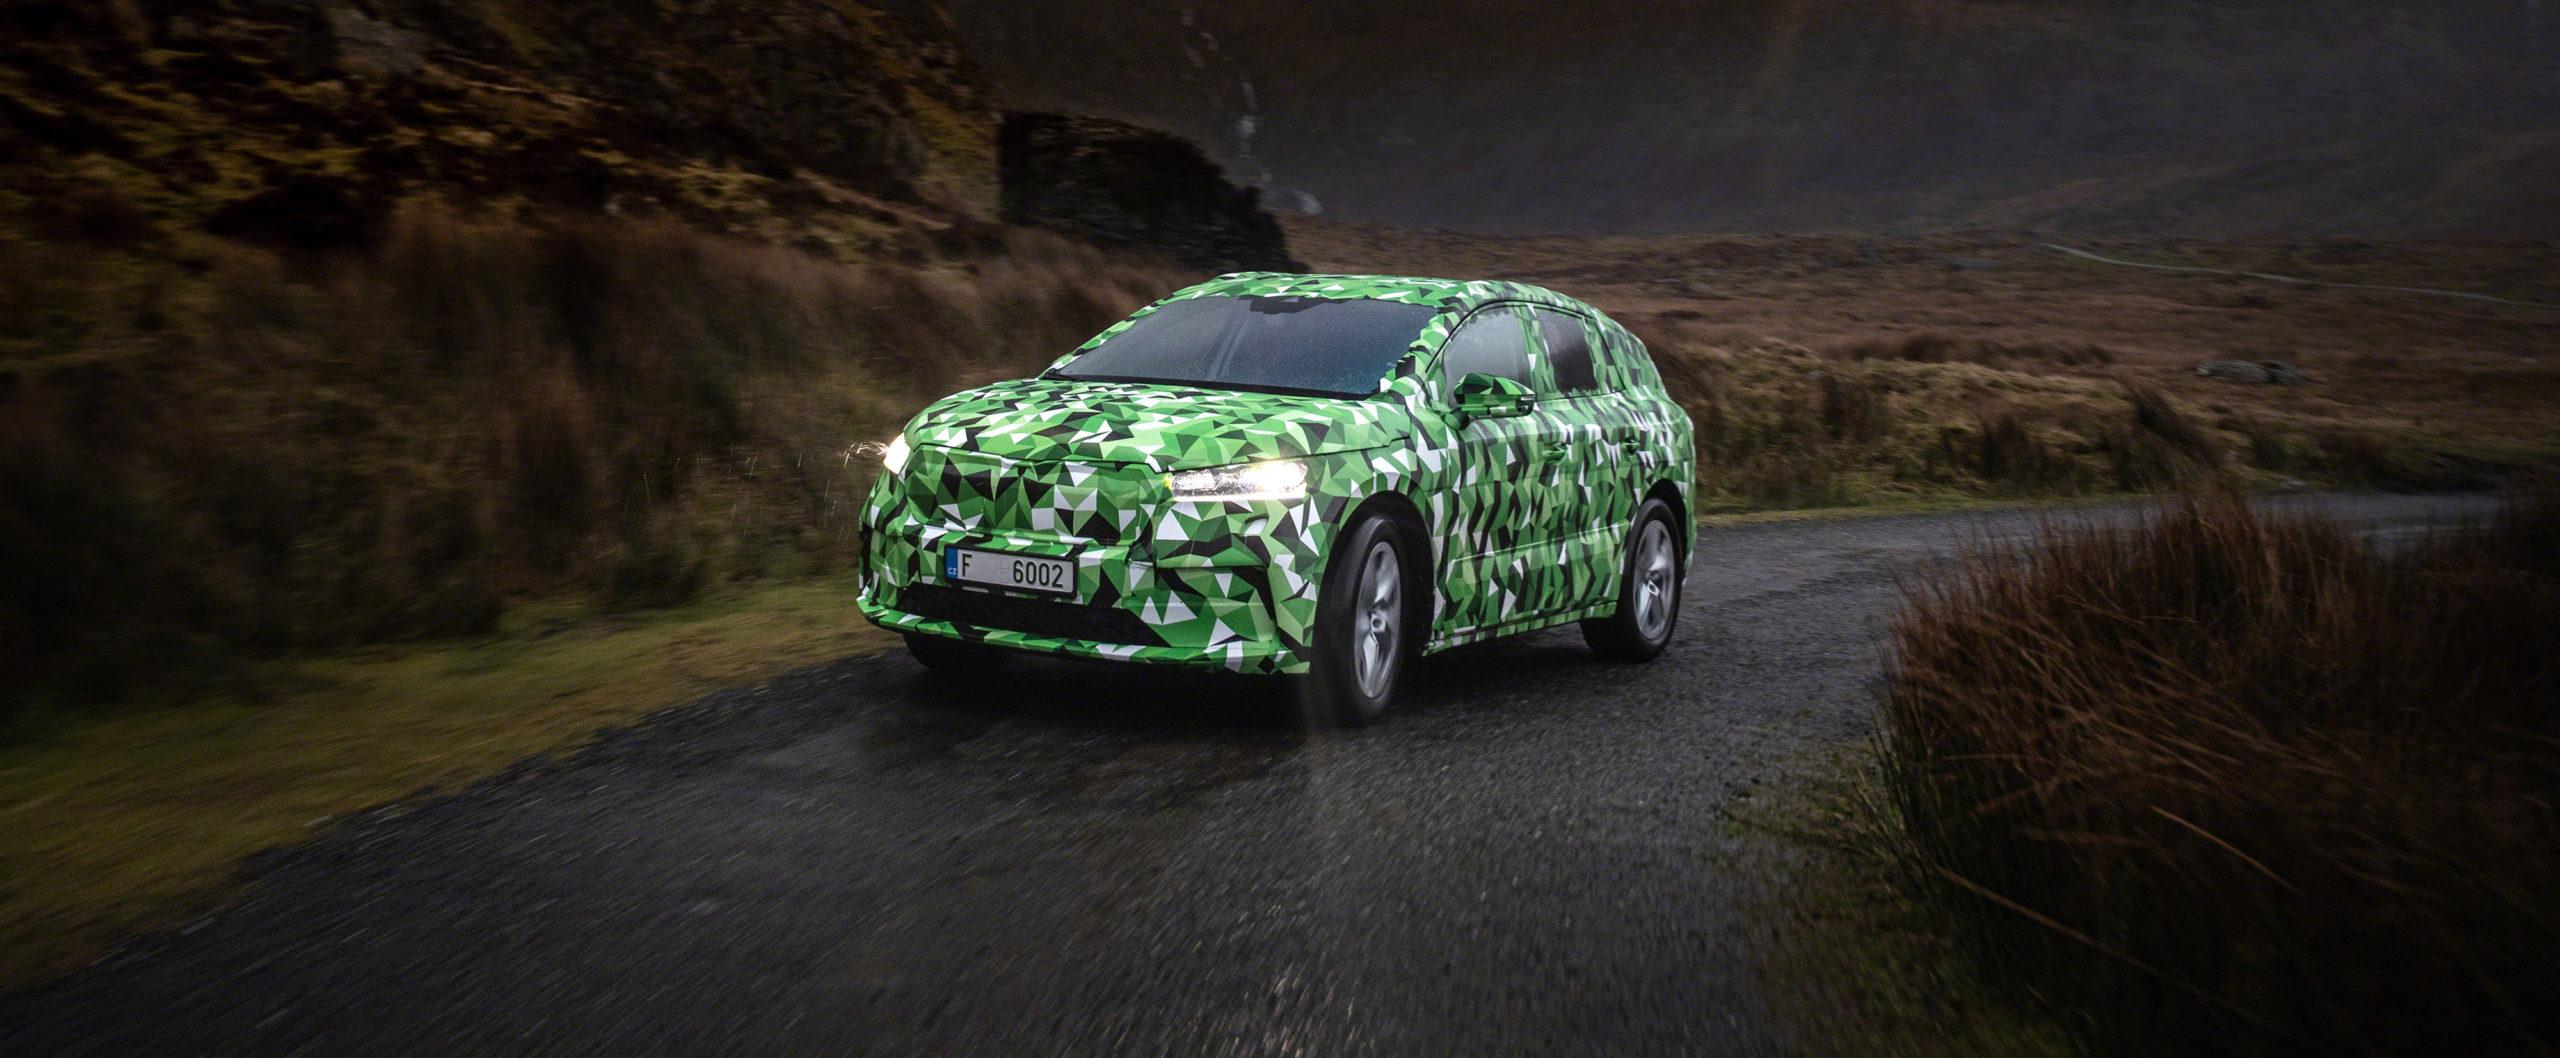 ŠKODA ENYAQ iV, SUV 100% eléctrico